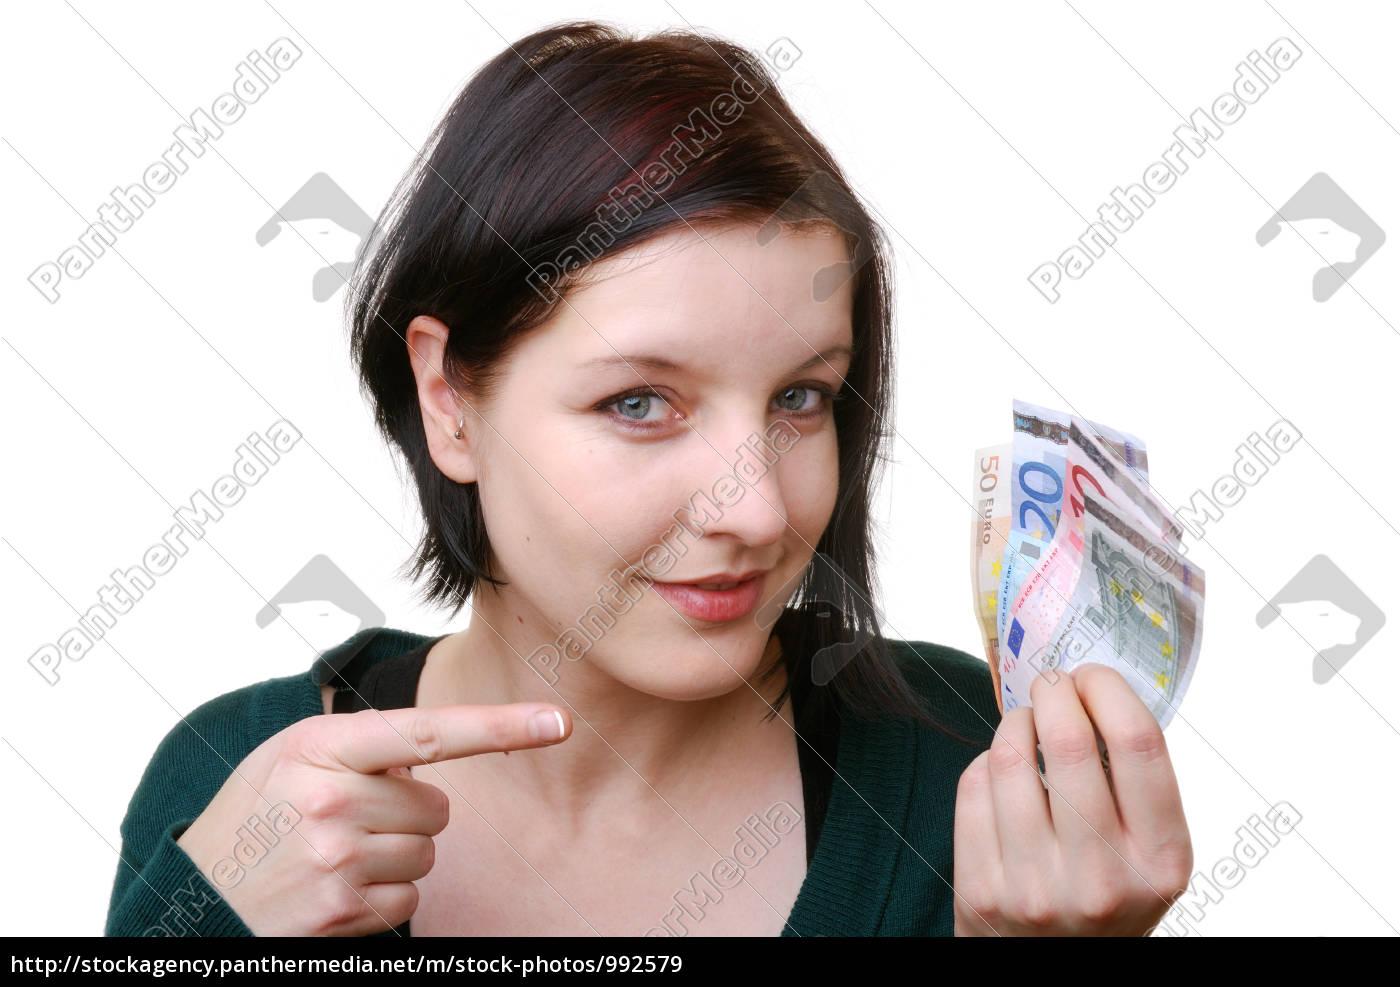 money - 992579